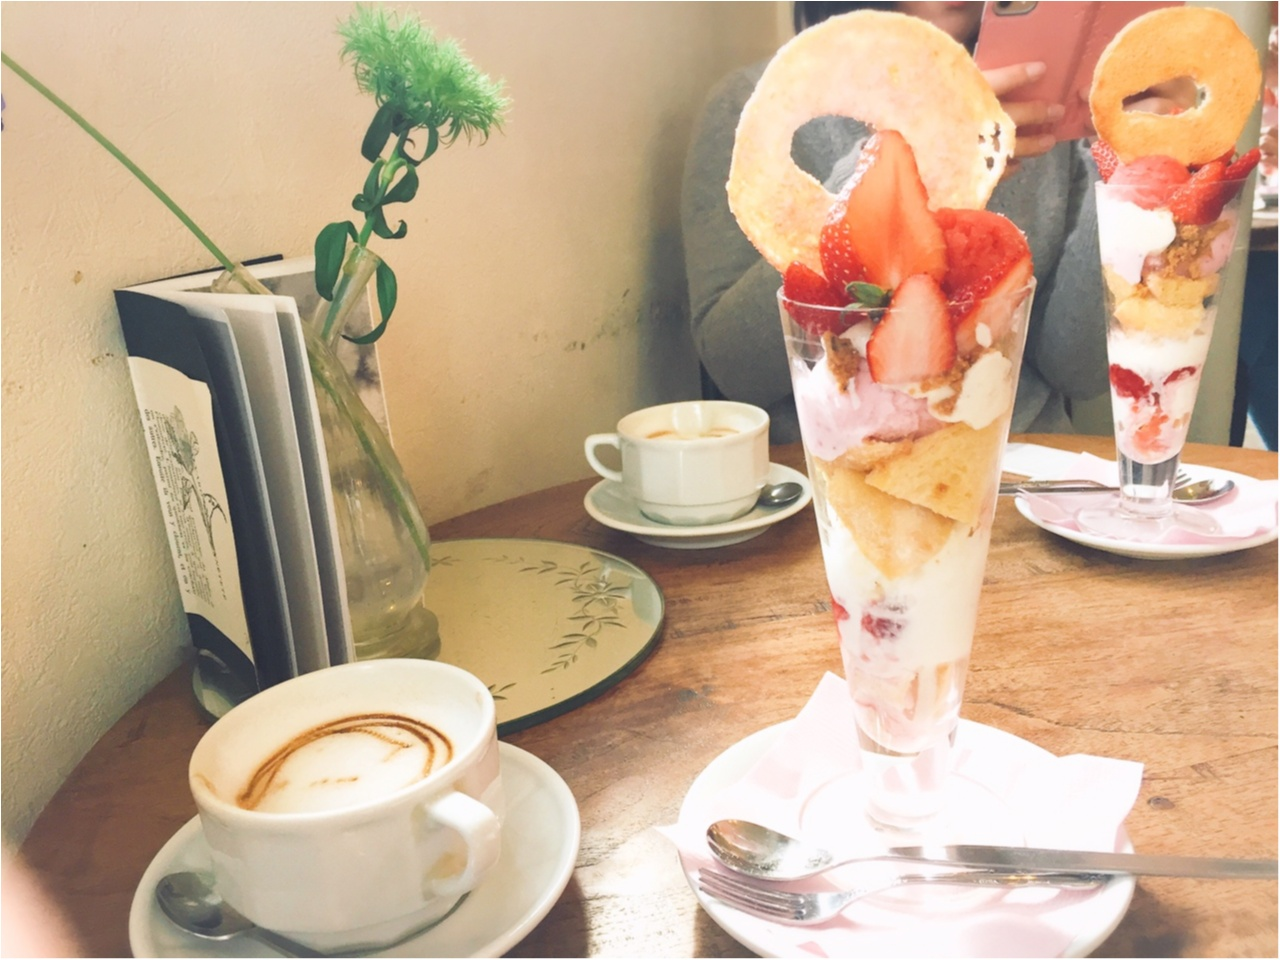 【宇都宮カフェ】今だけ!フォトジェニックで可愛い『ドーナツパフェ いちご』は食べに行くしかない!!_2